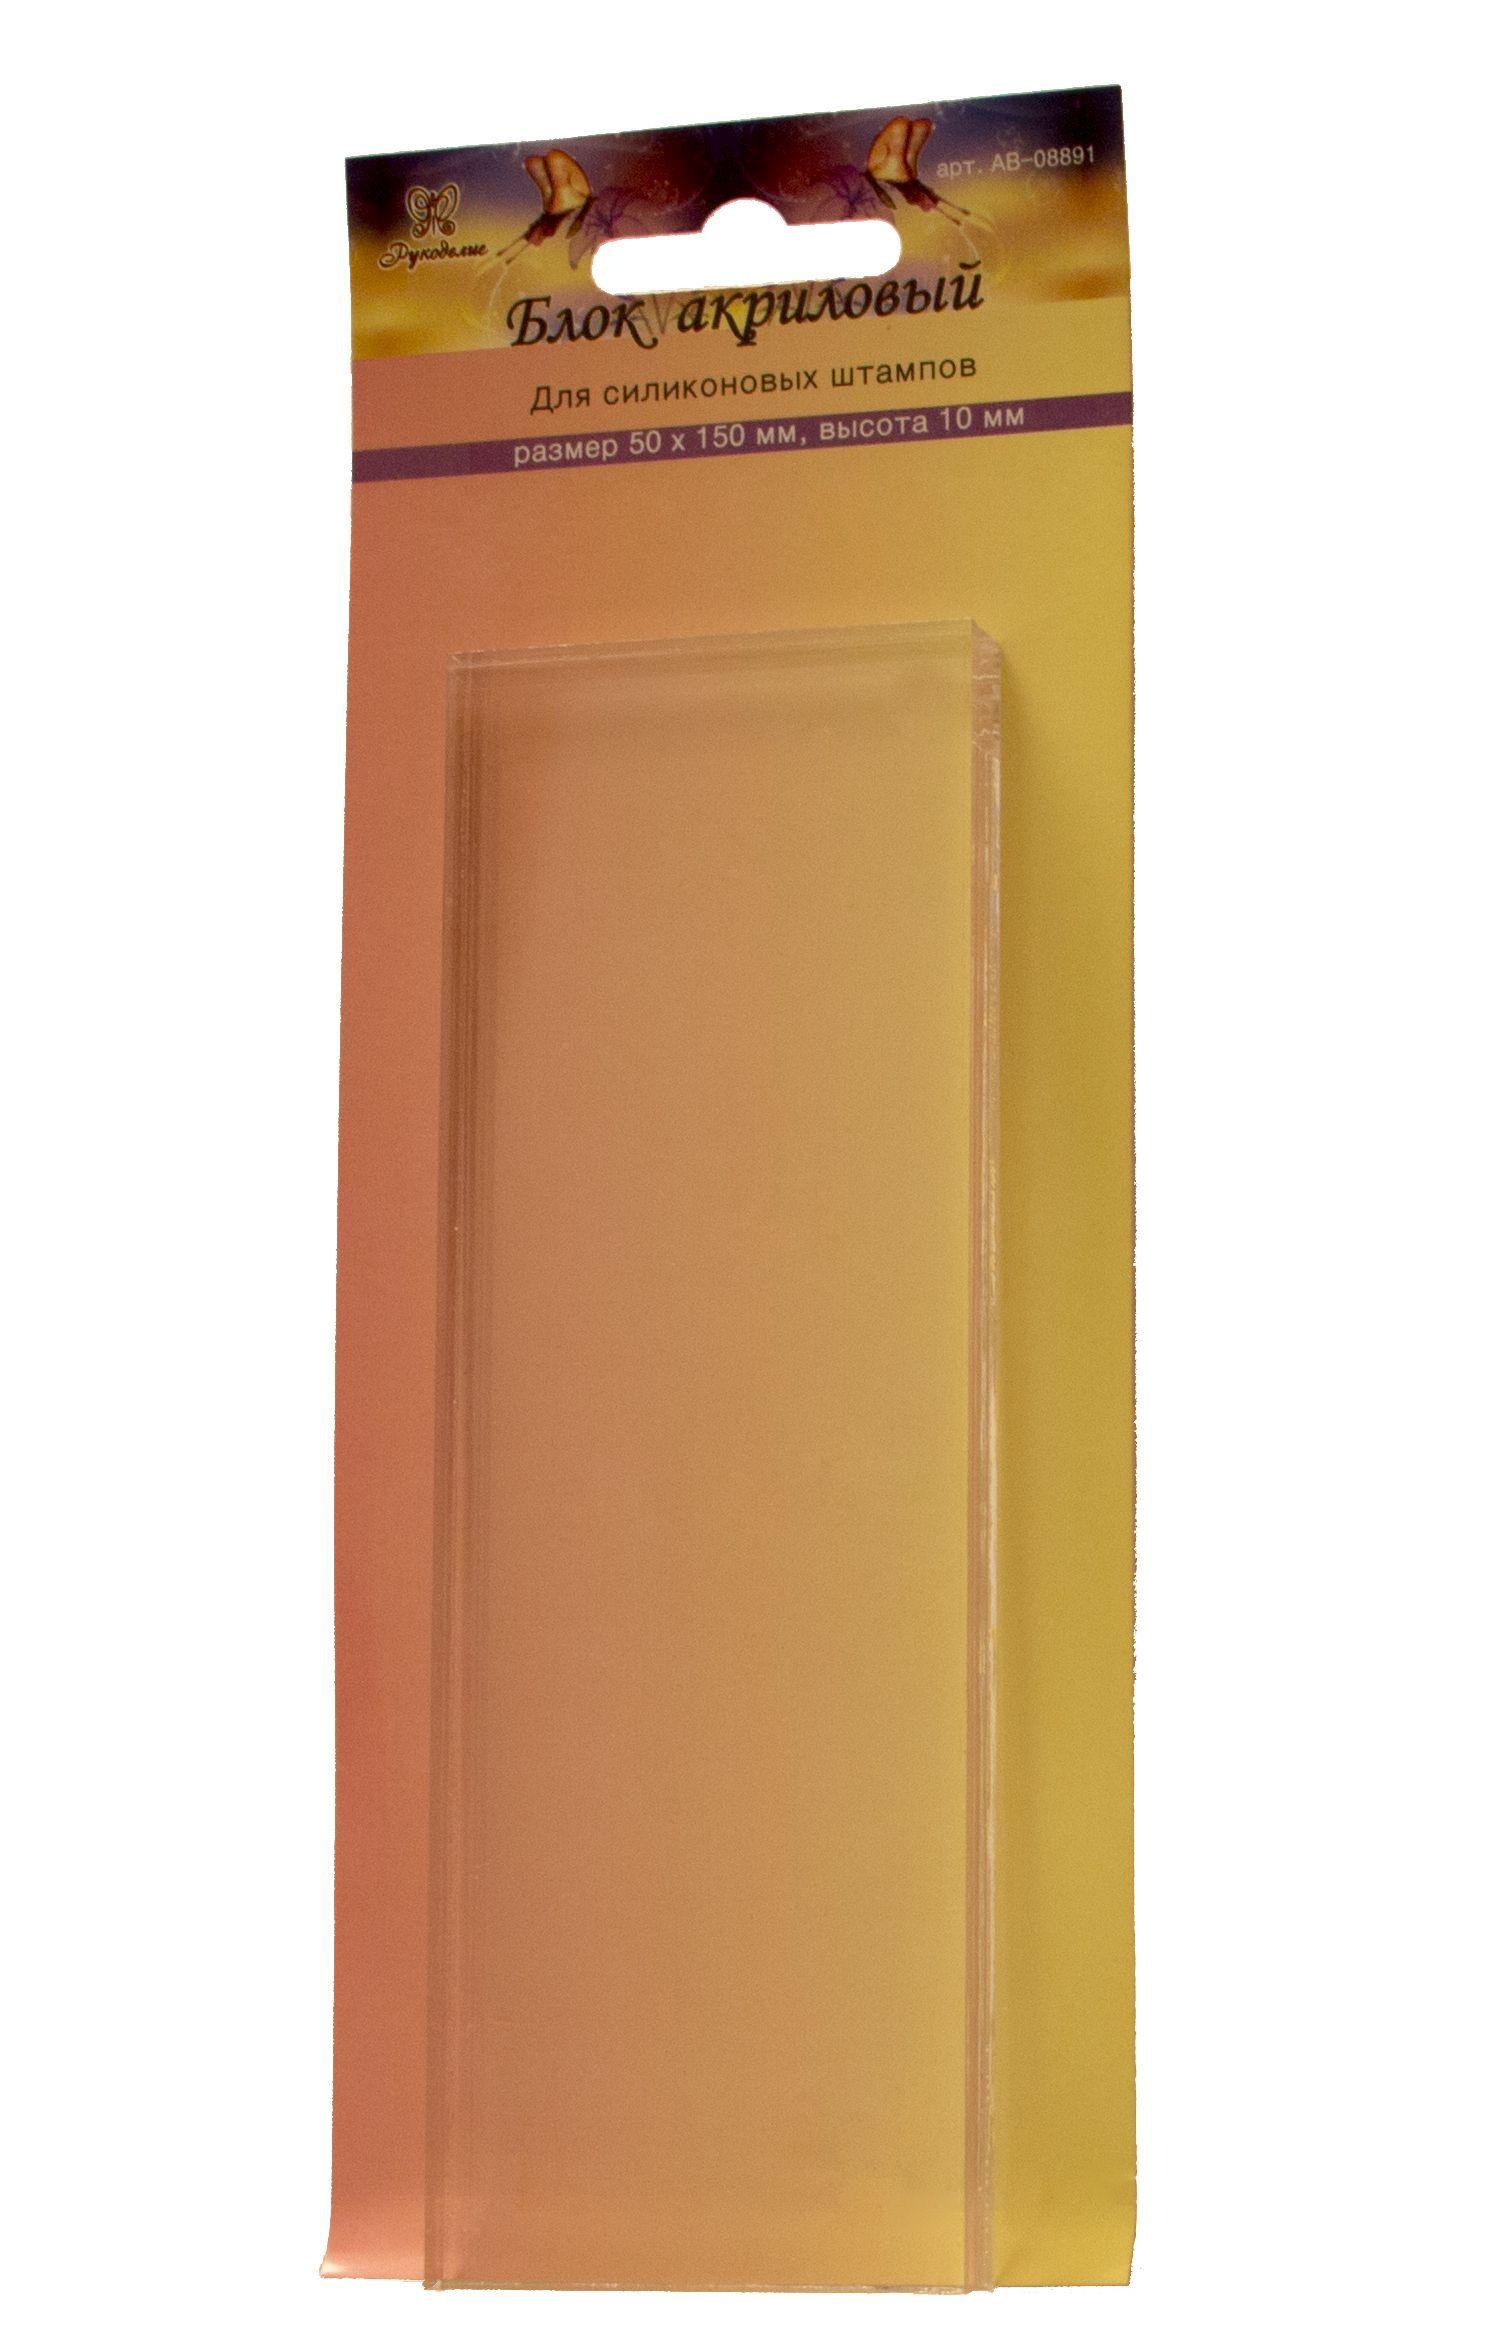 AB-08891 Блок акриловый для силиконовых штампов, 50х150мм, высота 10мм